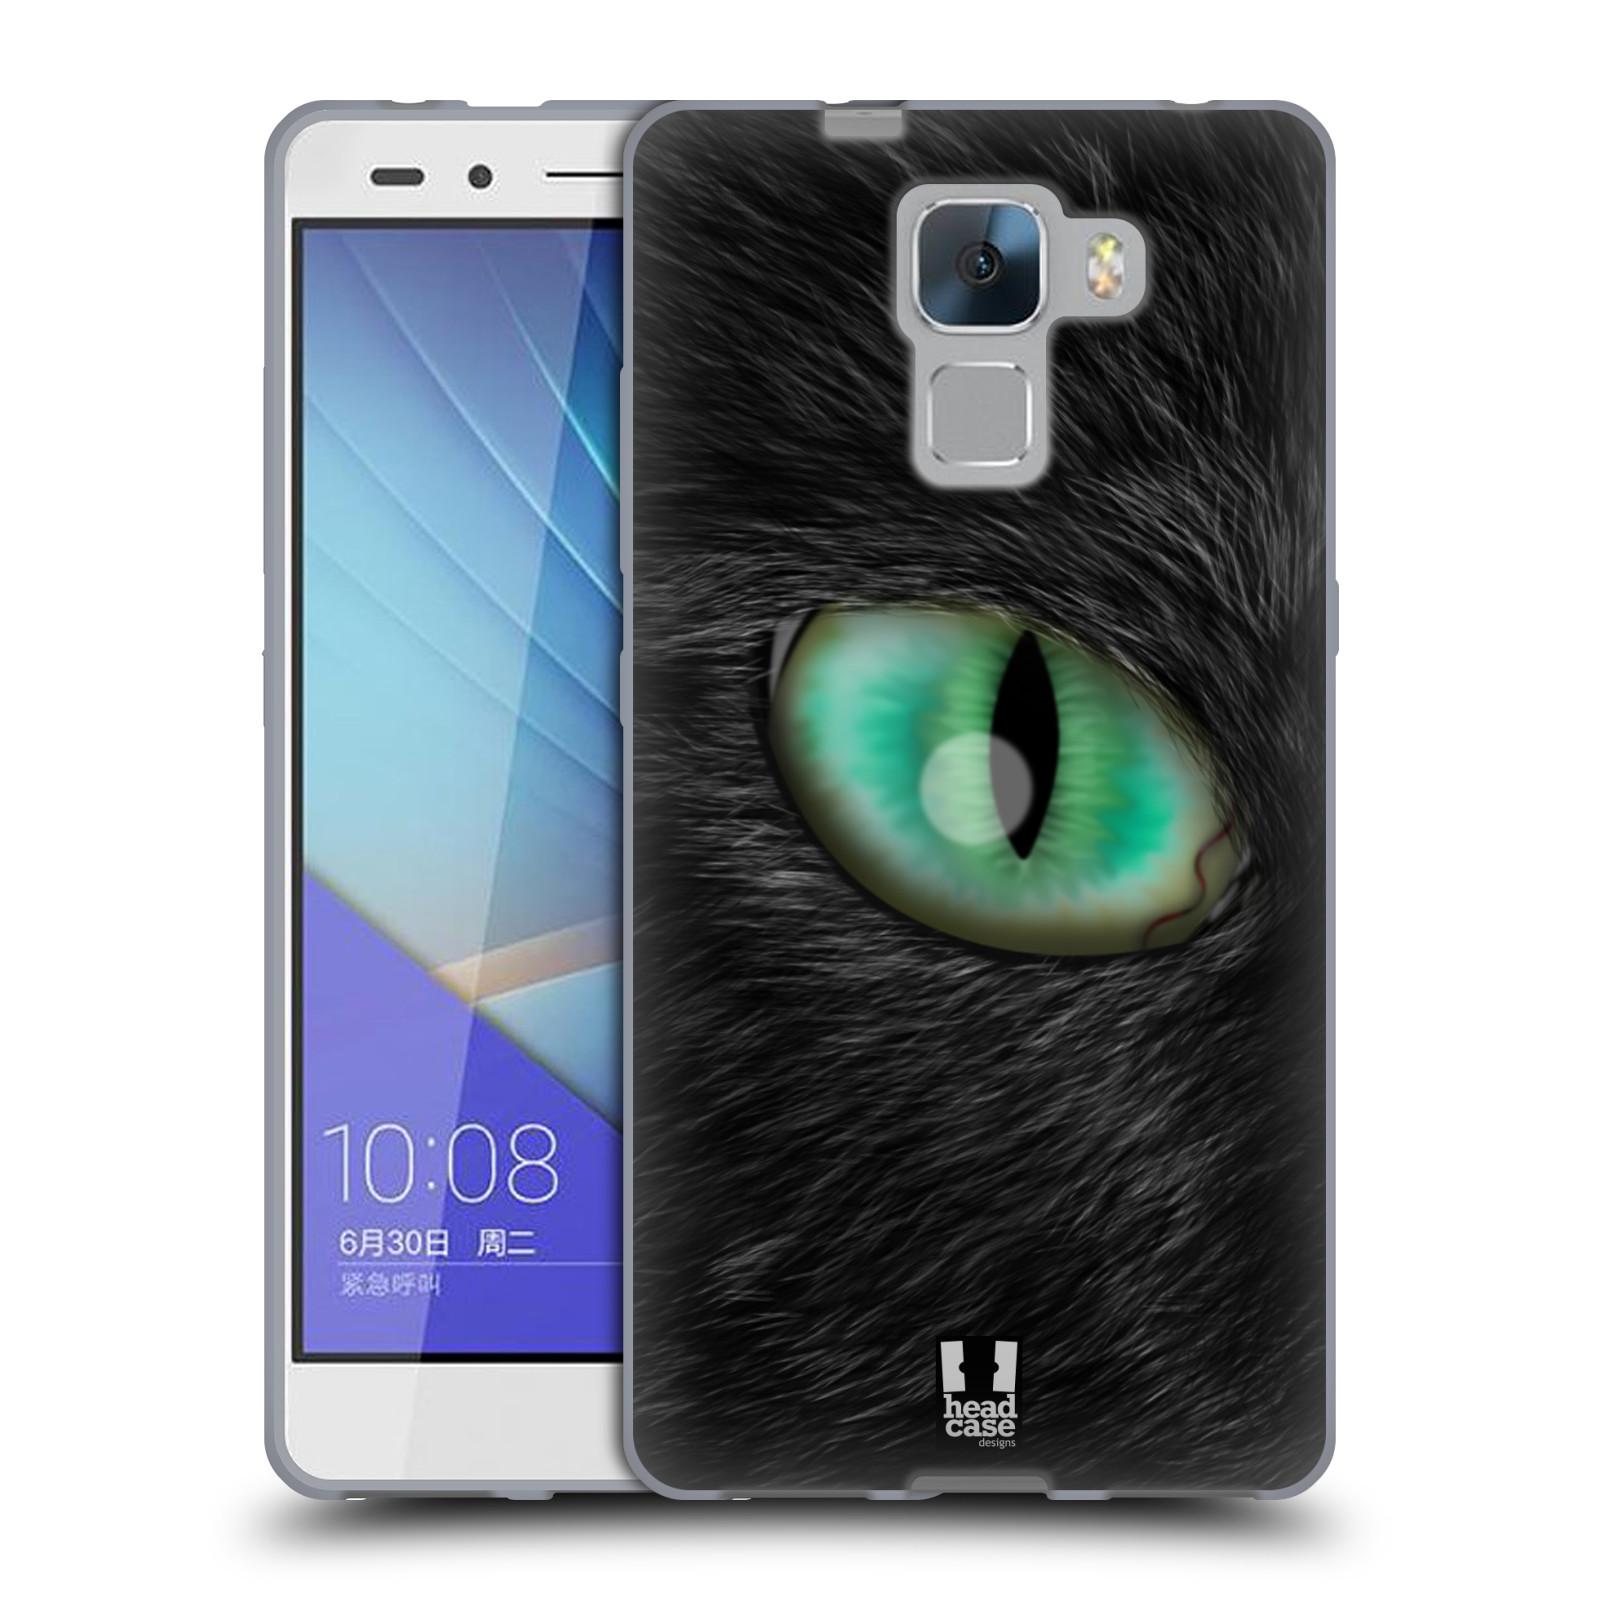 HEAD CASE silikonový obal na mobil HUAWEI HONOR 7 vzor pohled zvířete oko kočka